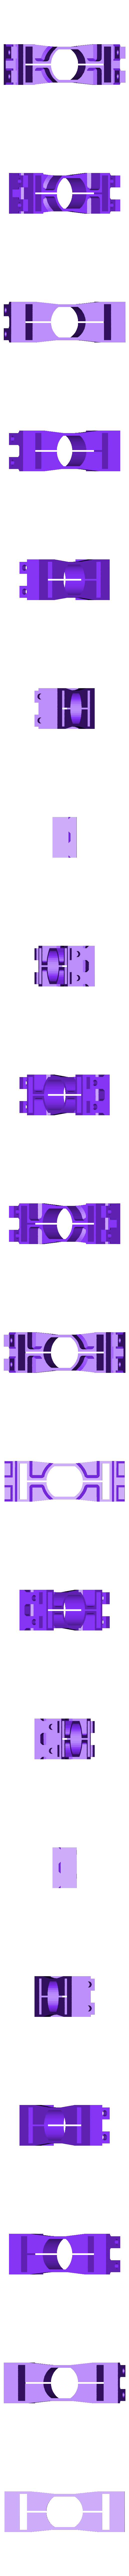 Belt.stl Télécharger fichier STL gratuit Châssis du robot Walker • Design à imprimer en 3D, SiberK